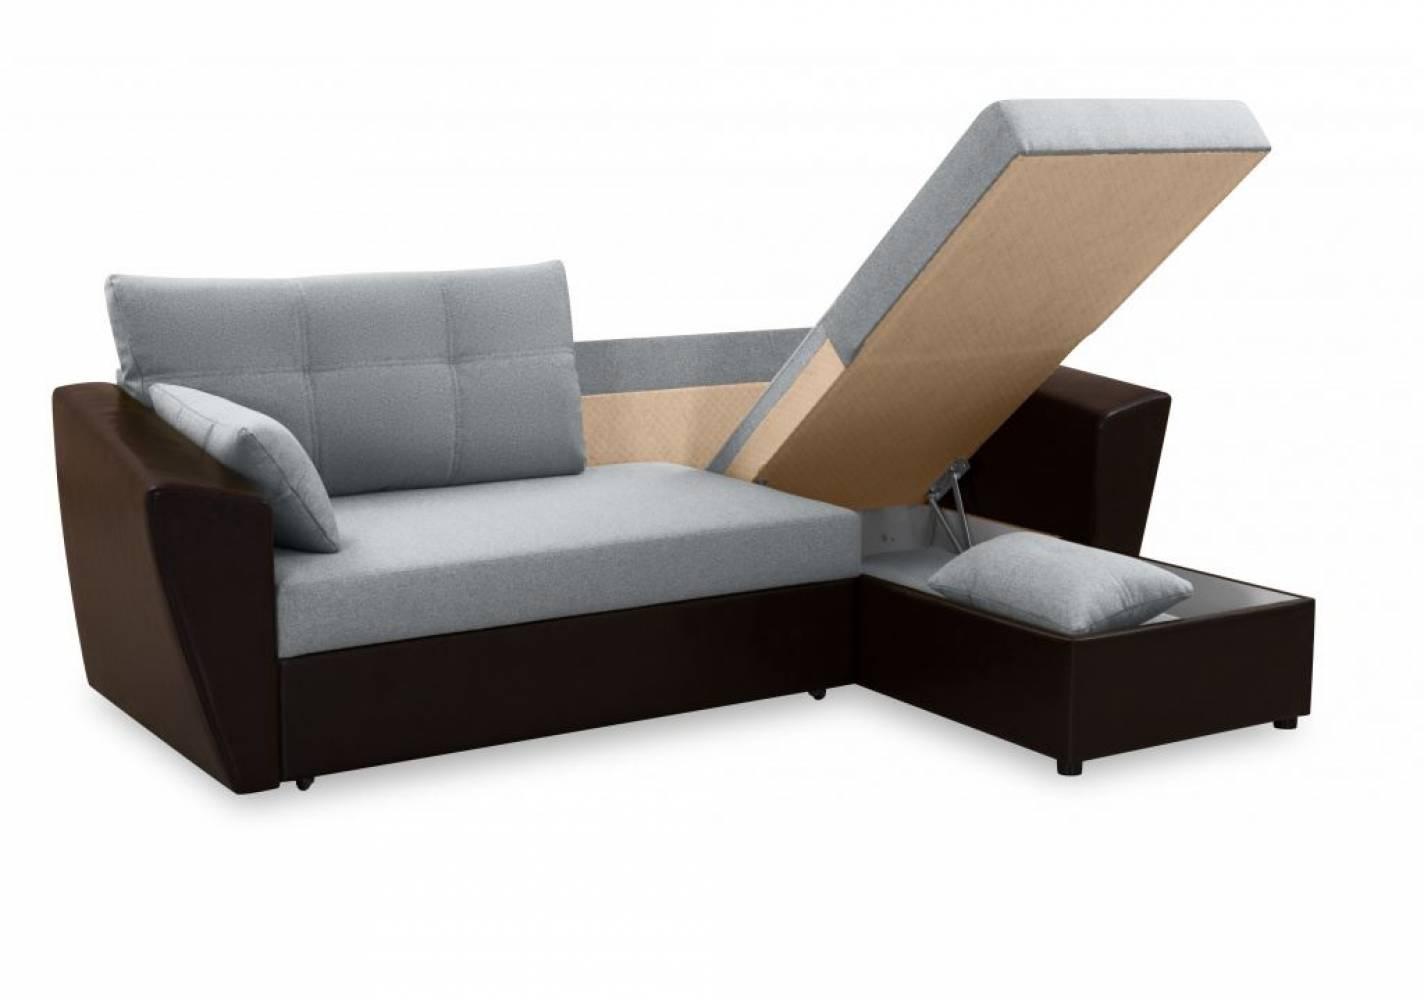 Диван Амстердам угловой Concept 06 сер./ Molero 320